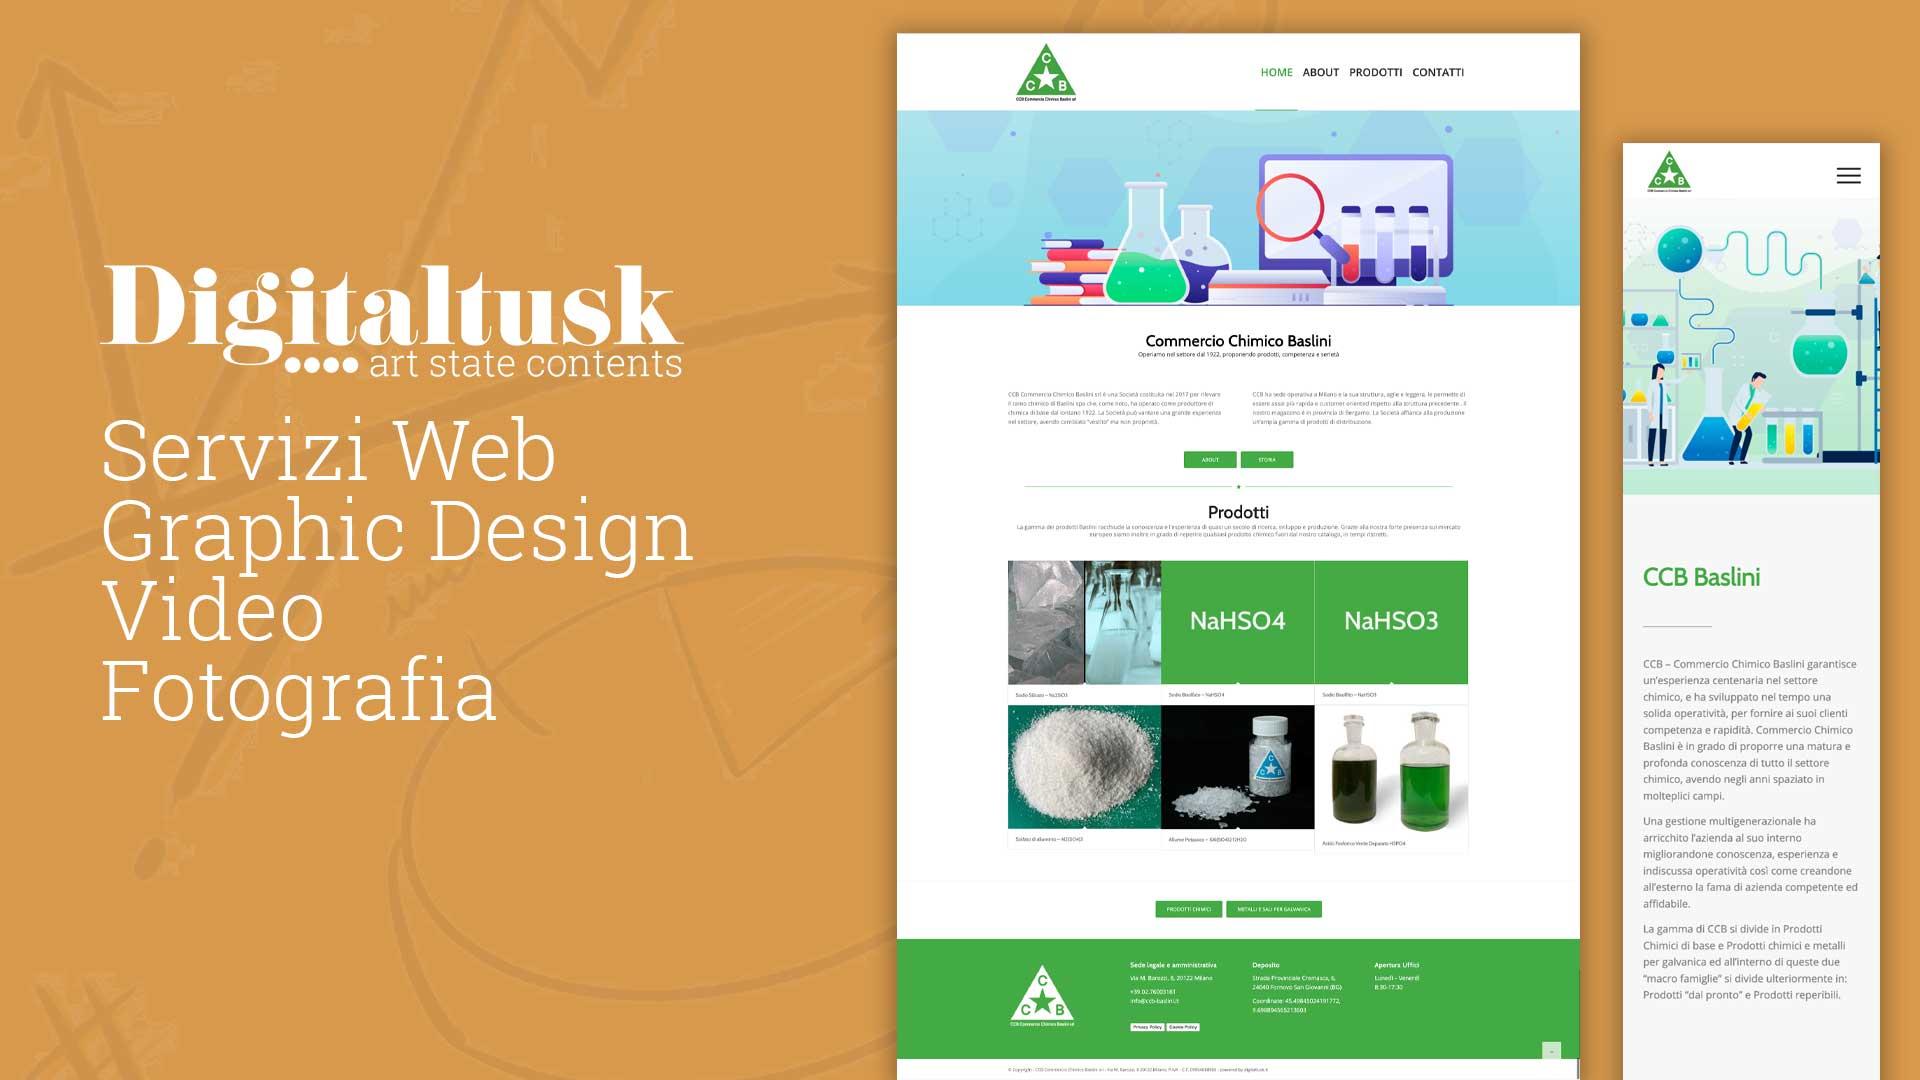 commercio chimico Baslini Milano azienda chimica web design digitaltusk